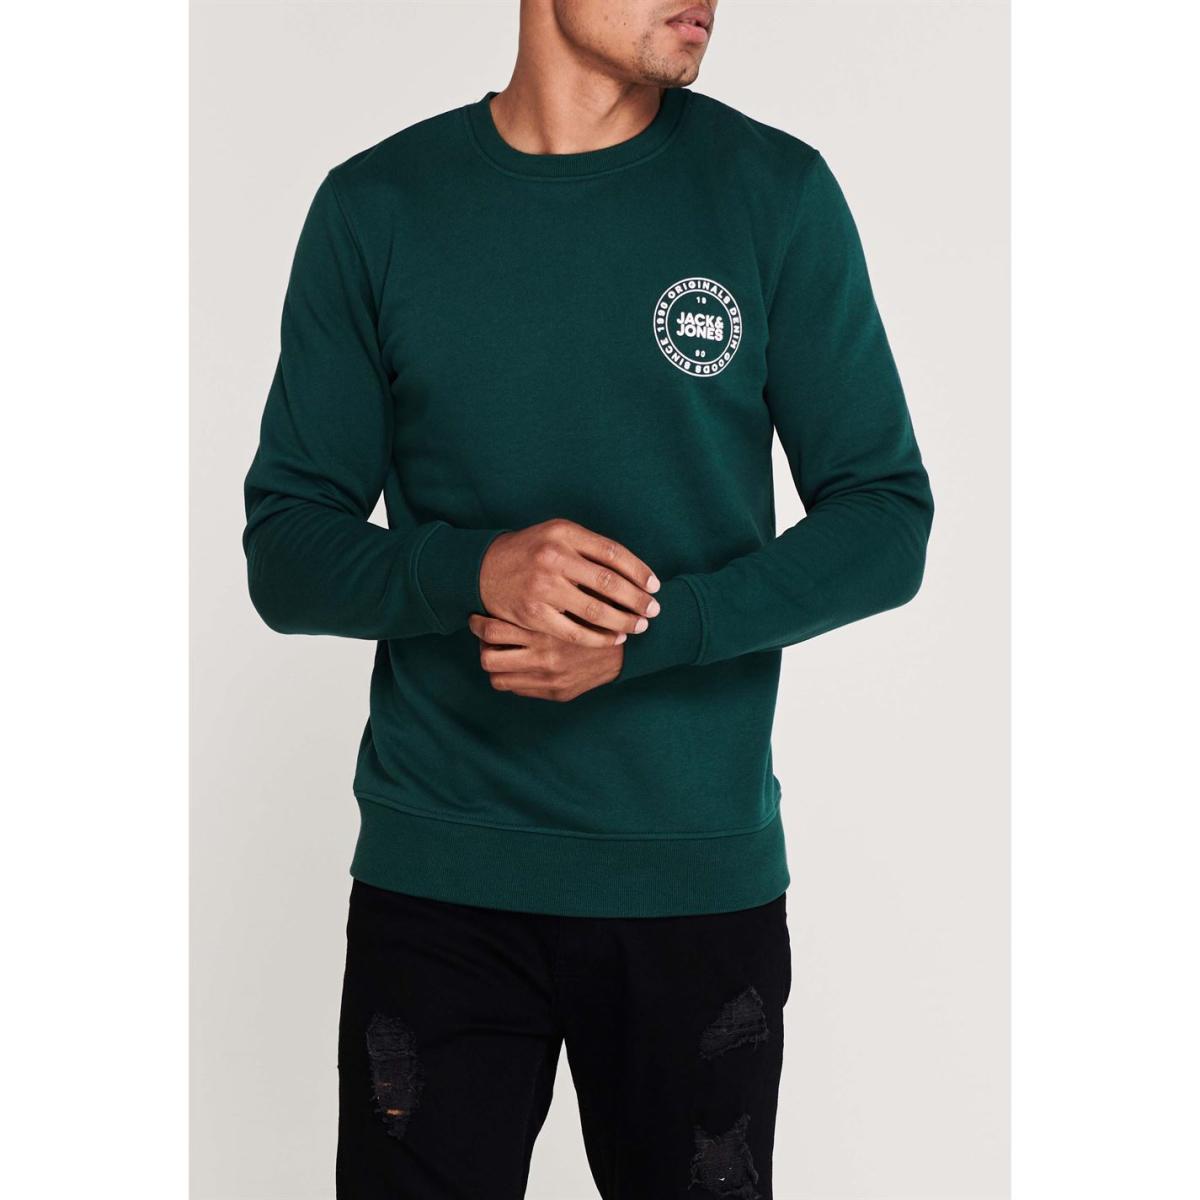 Jack And Jones Sweatshirt Pullover Herren Pulli Jacke Rundhals Sport Sweater 163